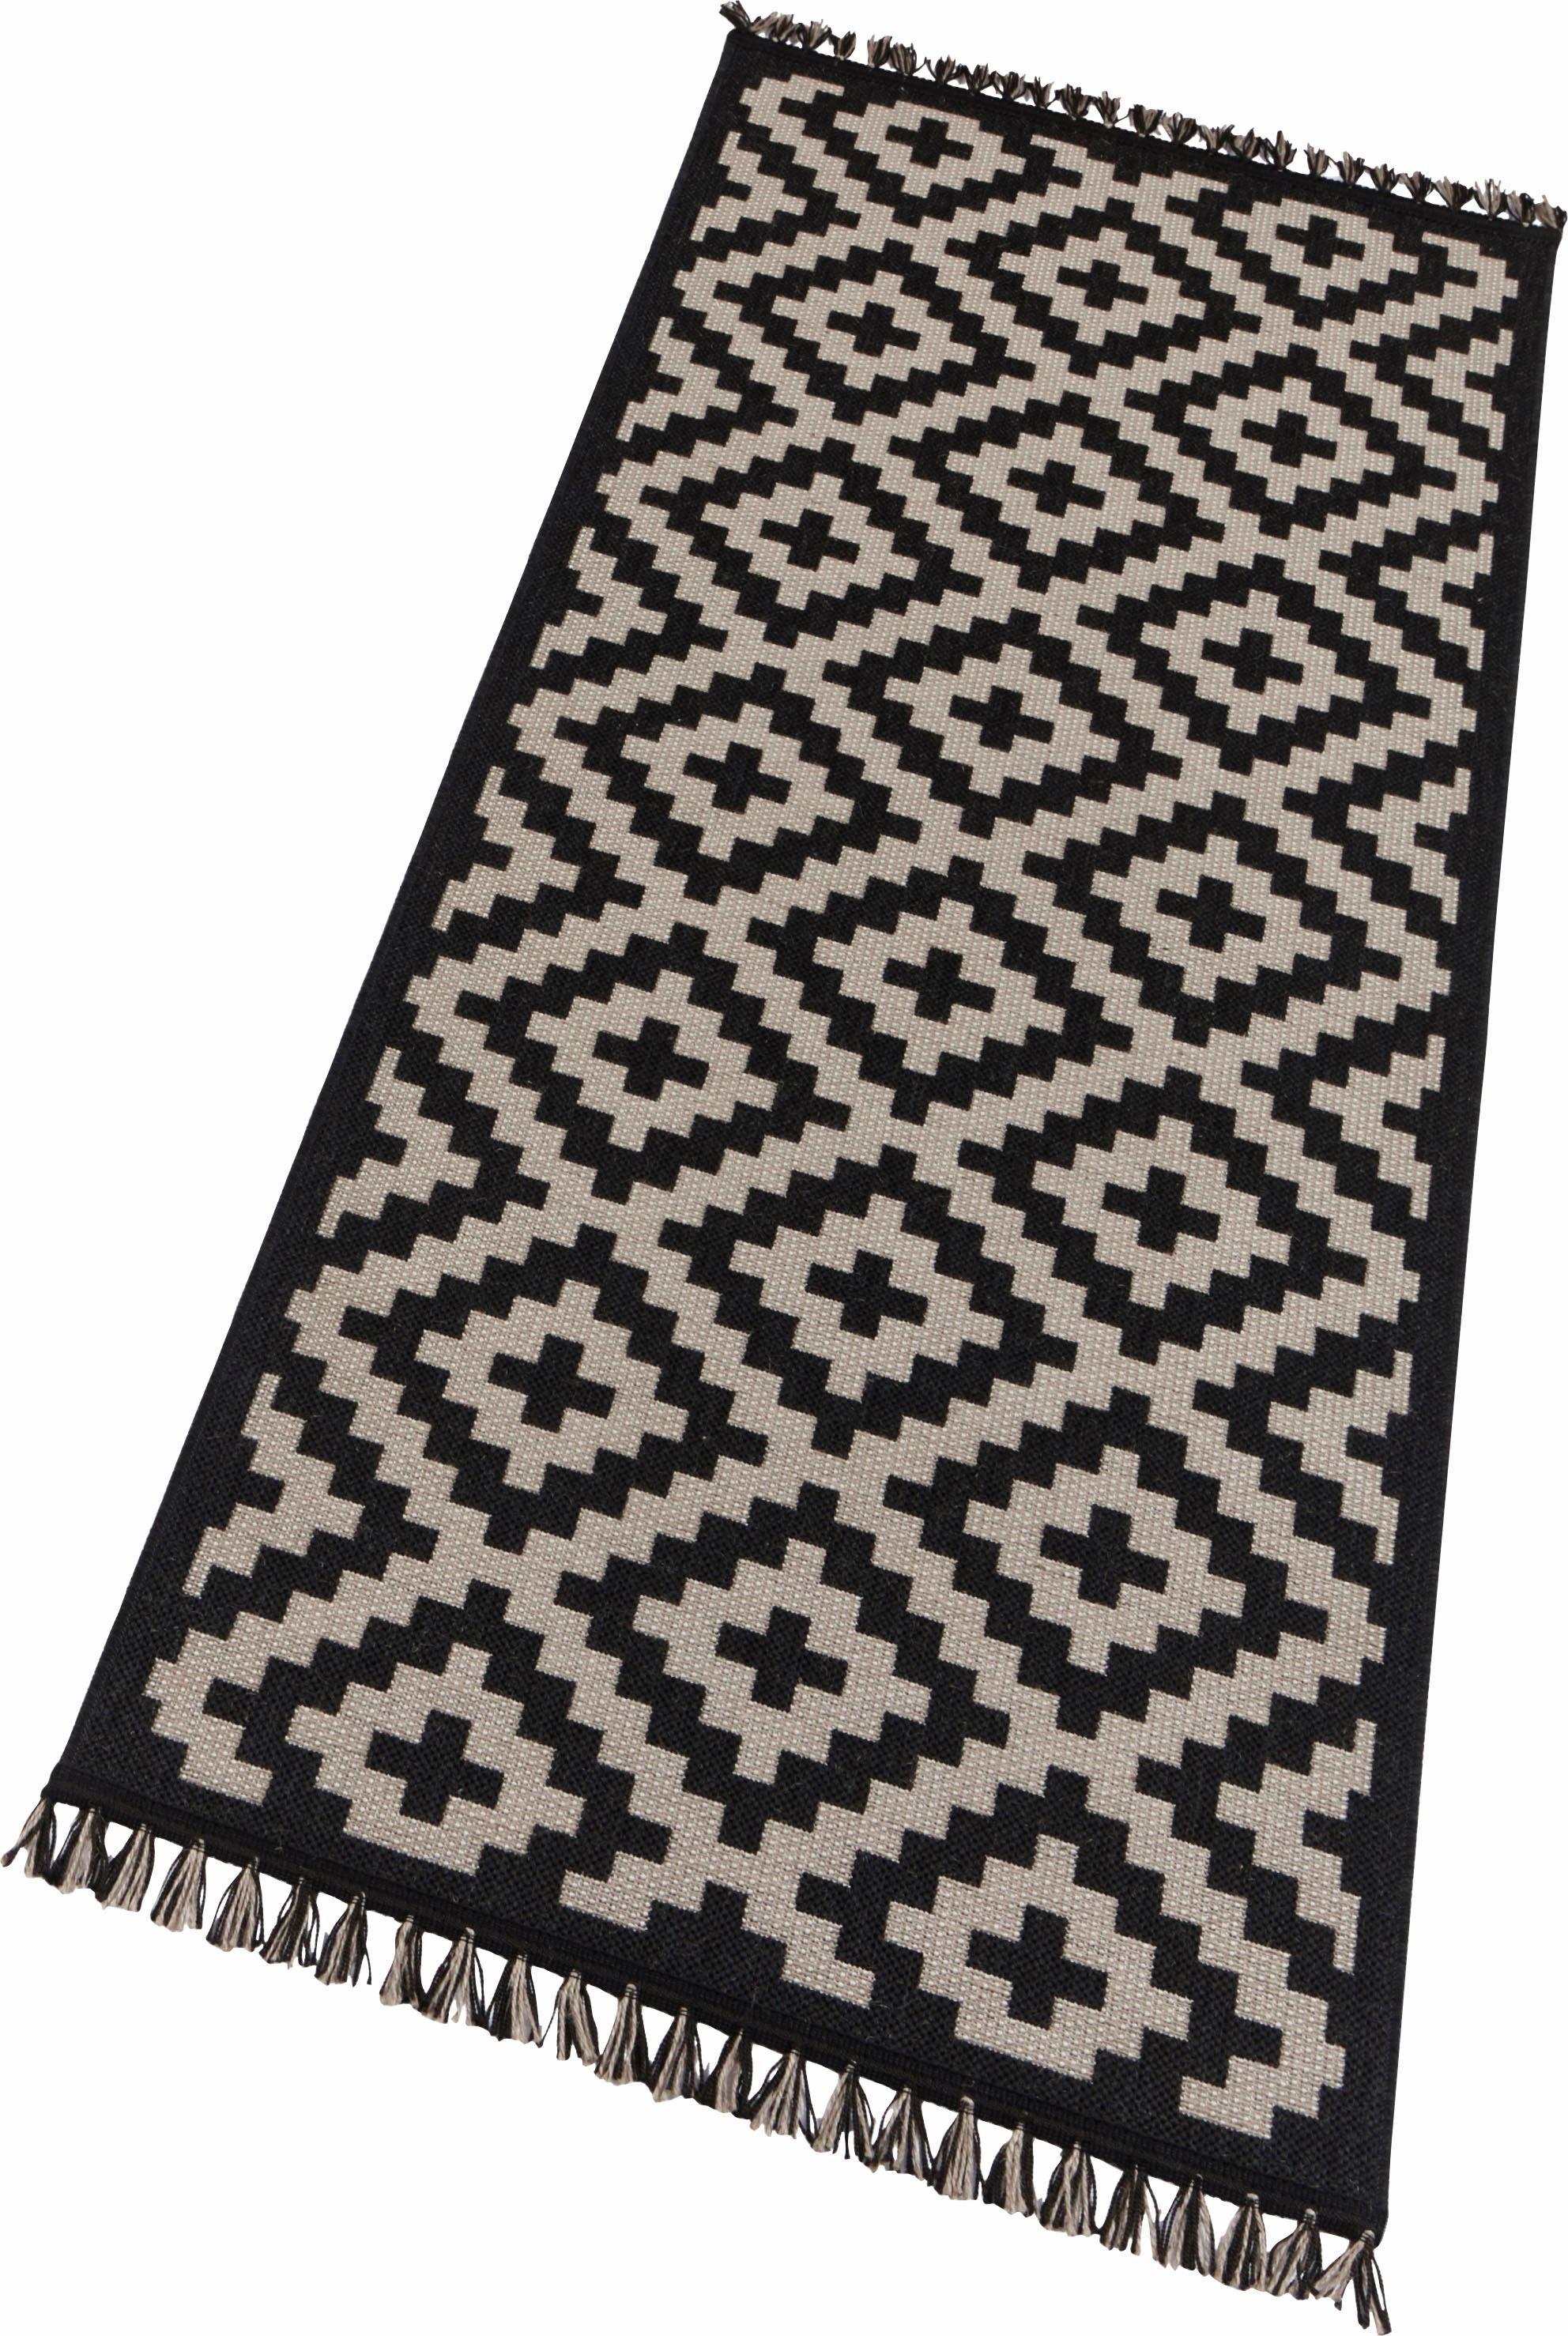 freundin Home Collection Loper, »Stockholm«, rechthoekig, hoogte 3 mm, machinaal geweven bij OTTO online kopen